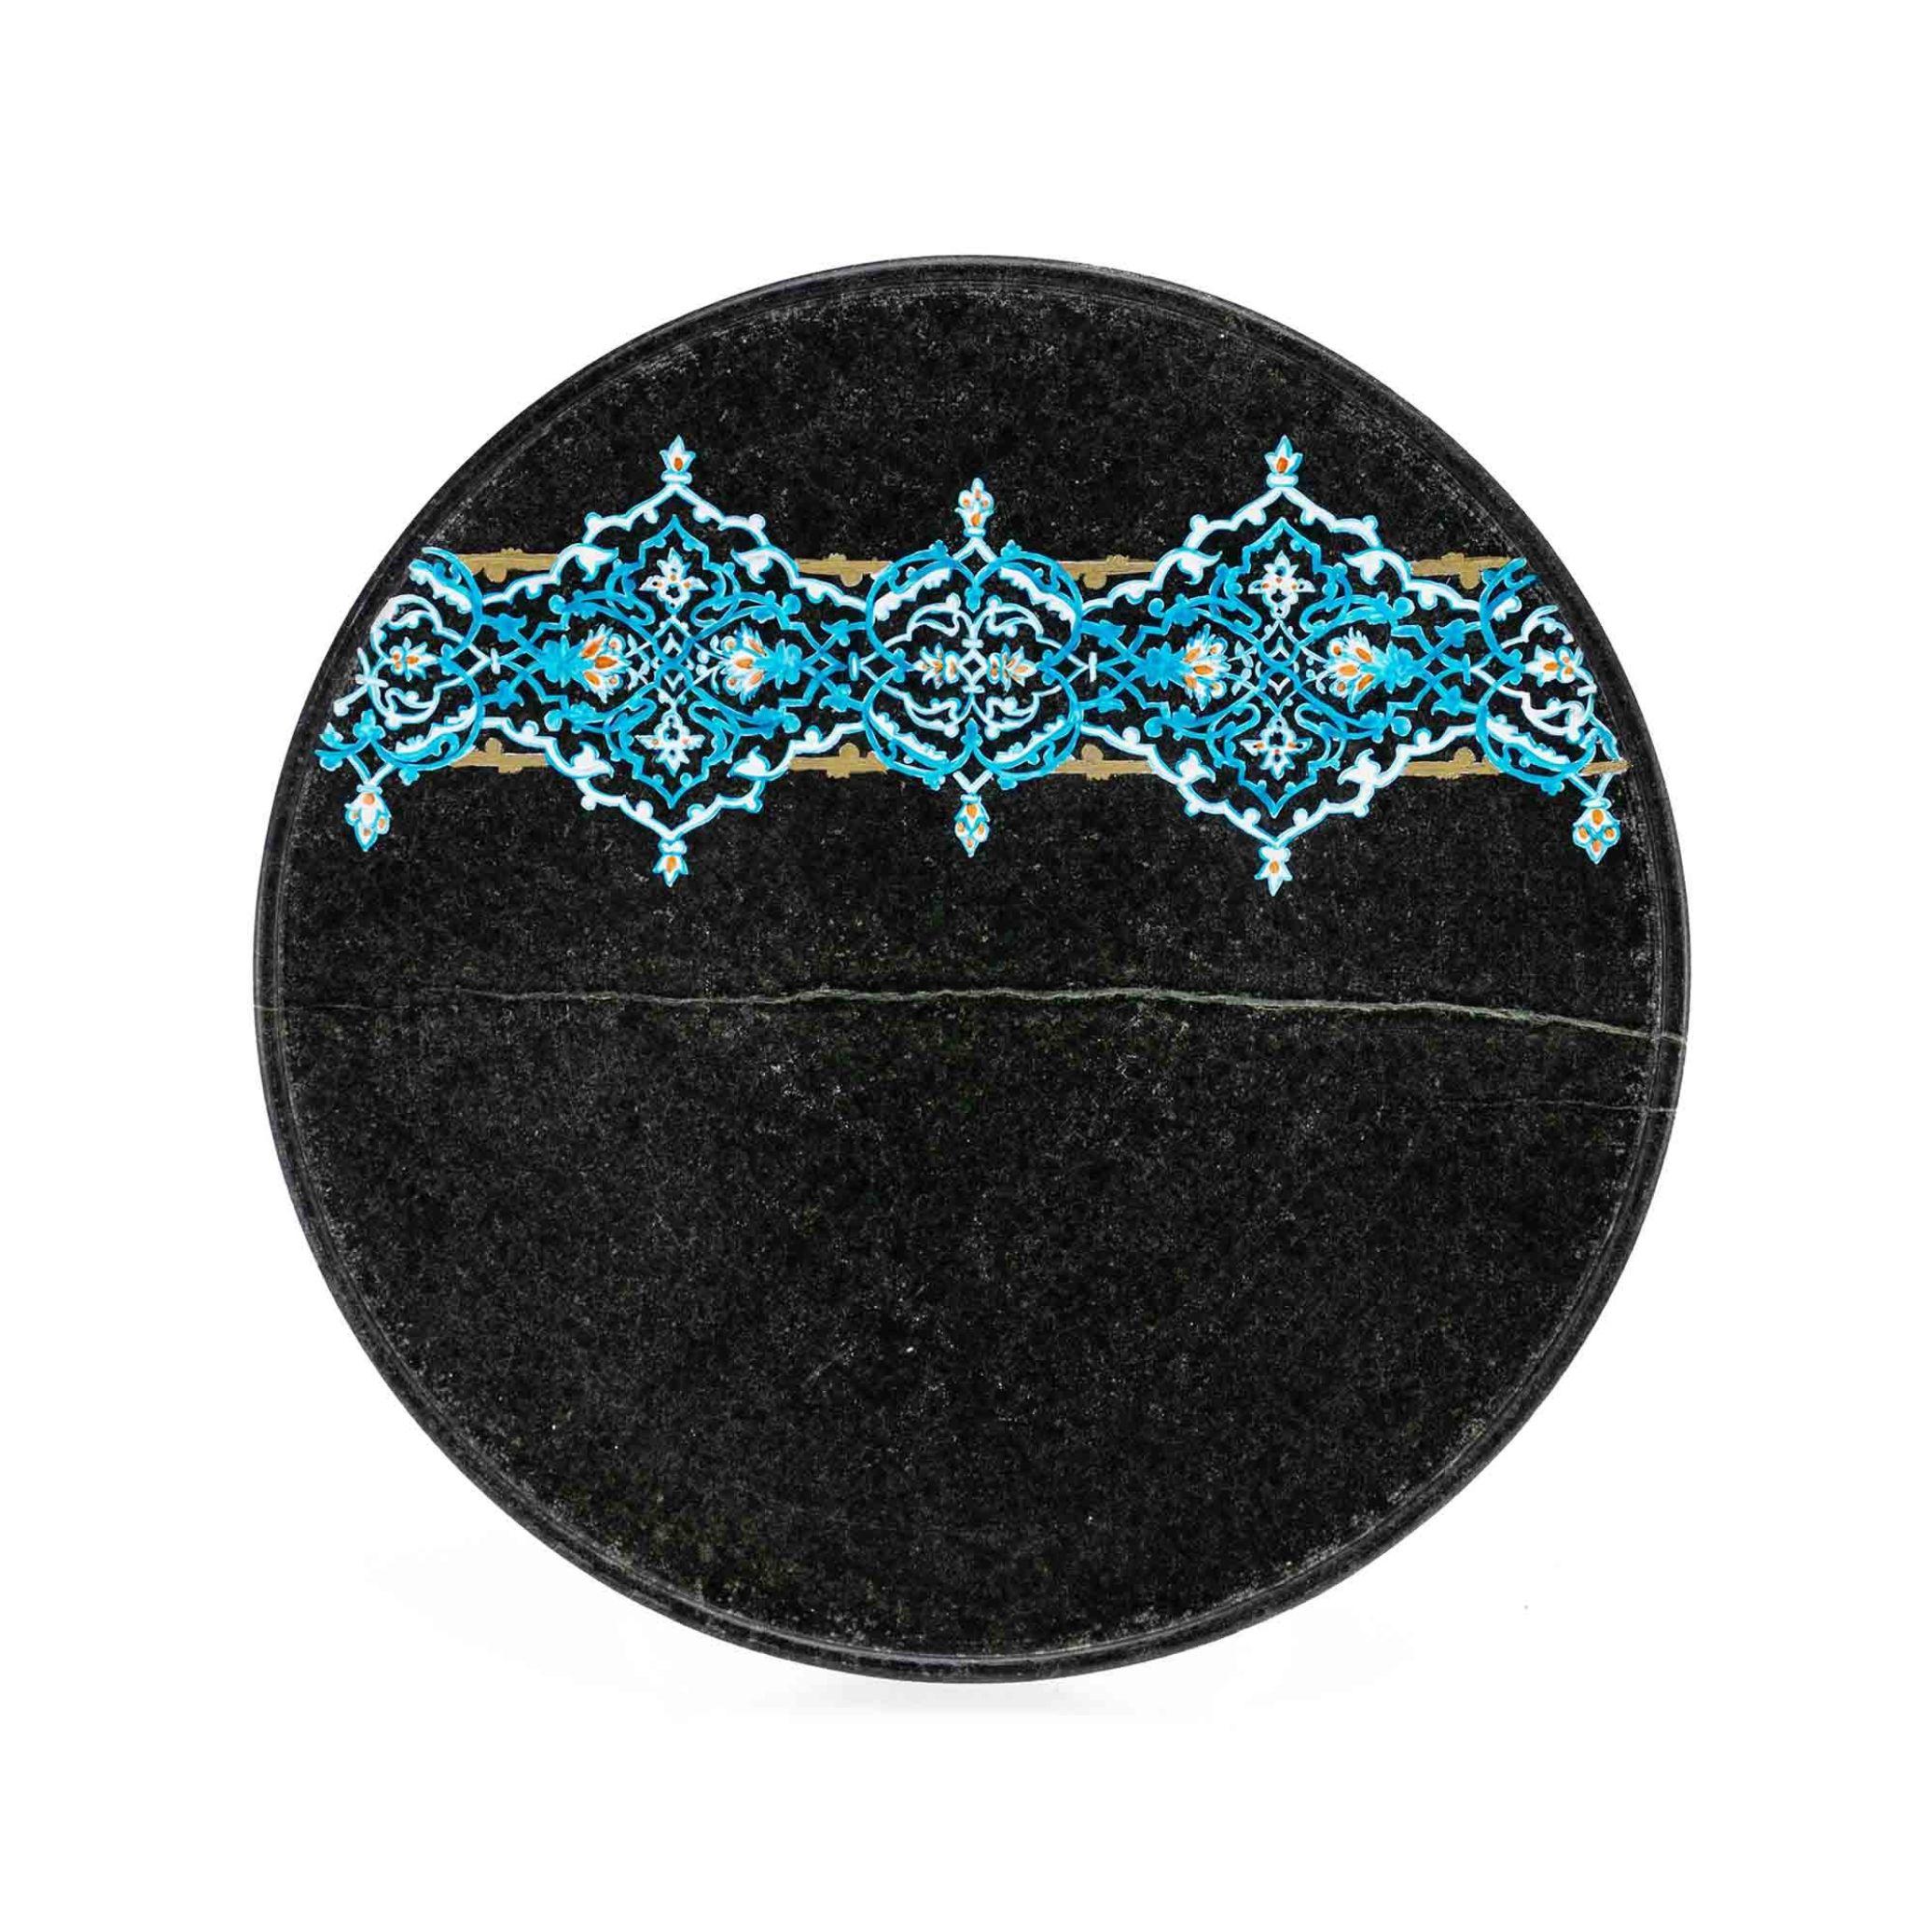 بشقاب پذیرایی سنگی (شیرینی و آجیل) ساخته شده از سنگ سرپانتین